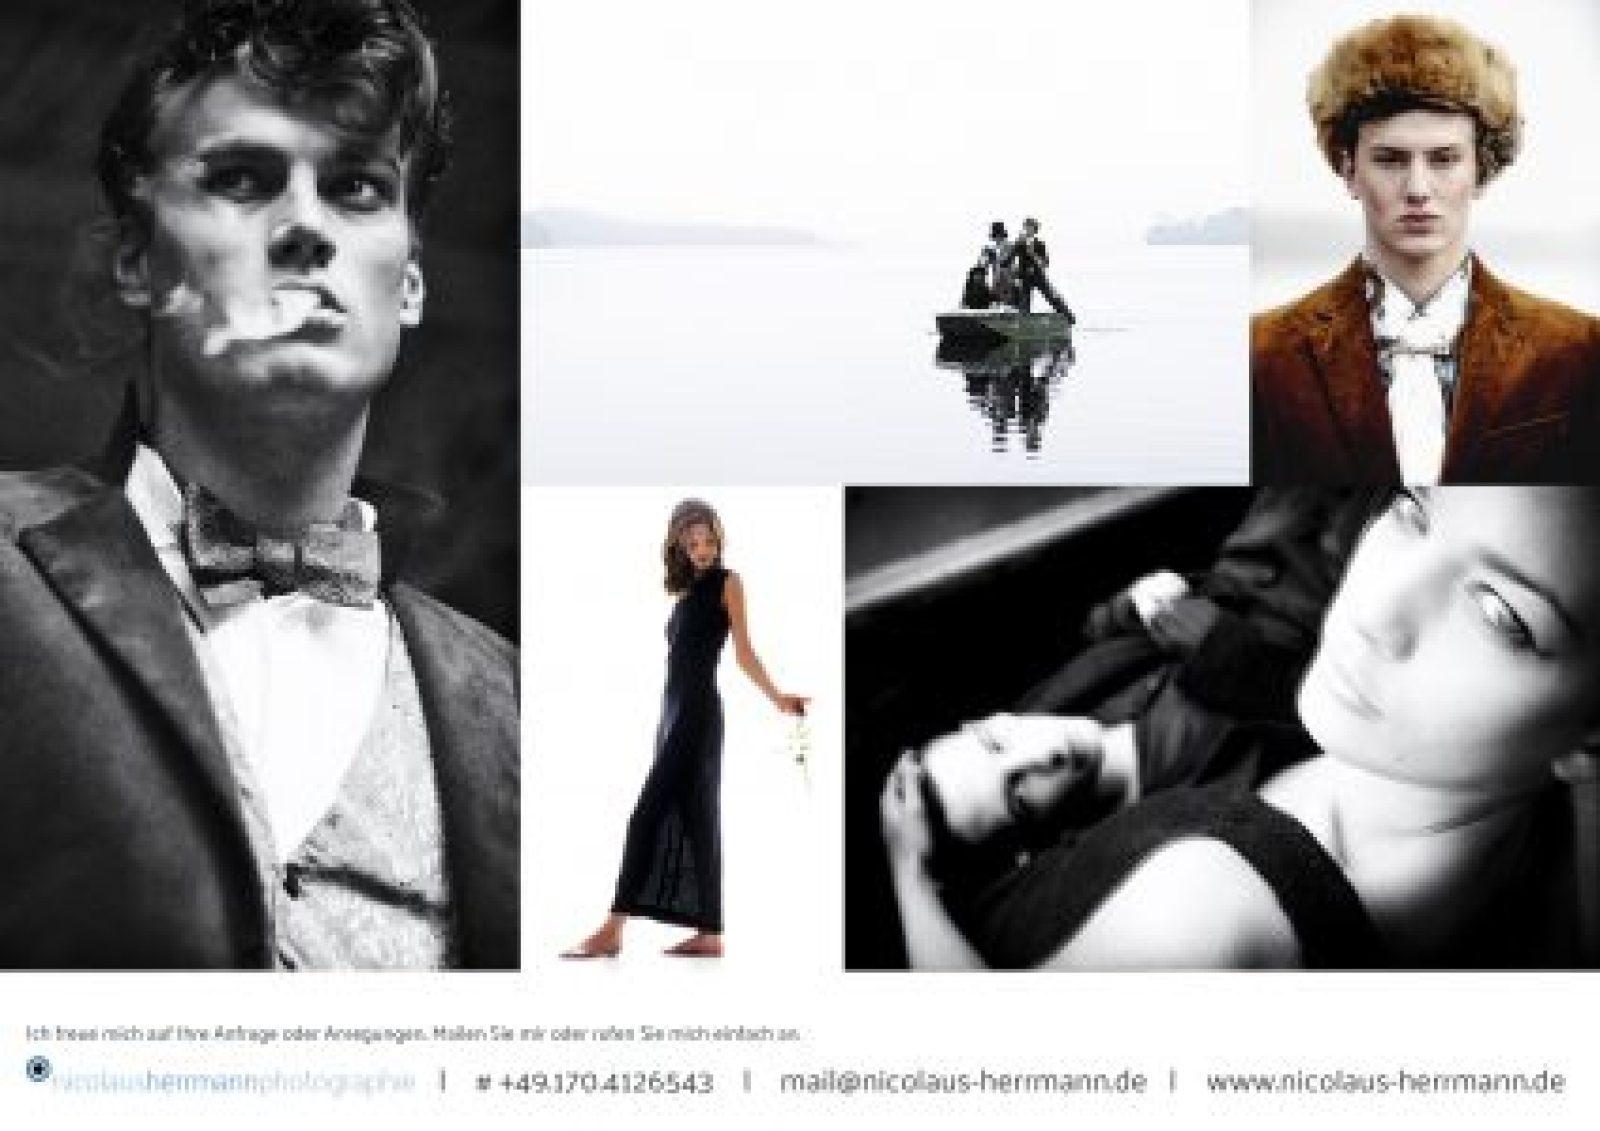 sedcard_fashion_nicolaus herrmann